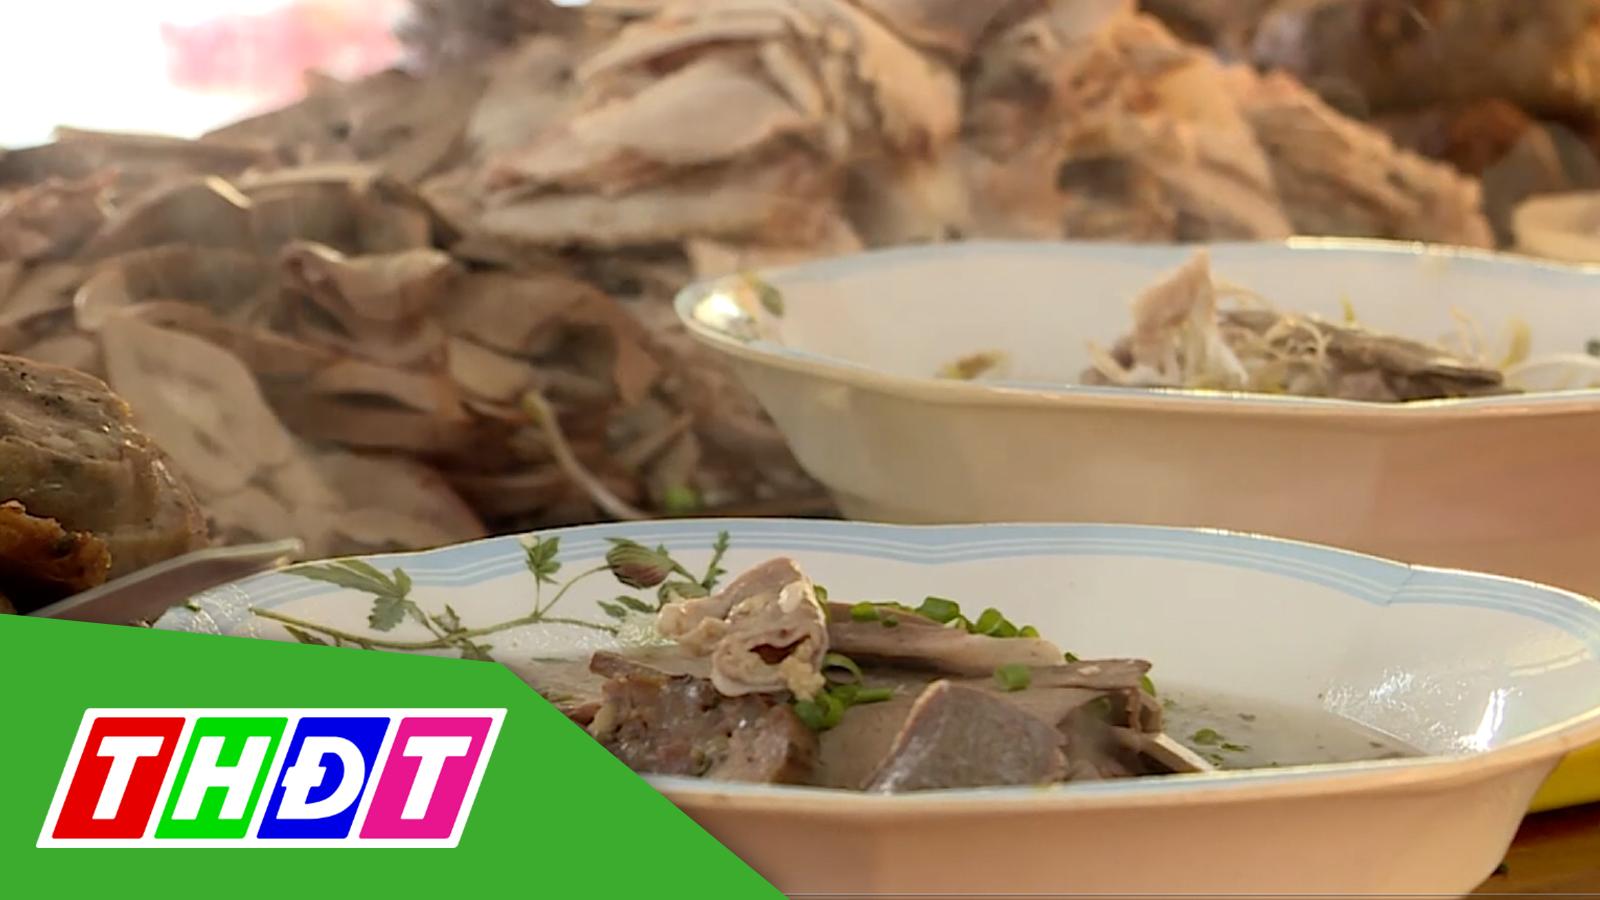 Ẩm thực đất sen hồng - 30/11/2020: Homestay Tư Cá linh - Món ăn từ sen + Trà sen